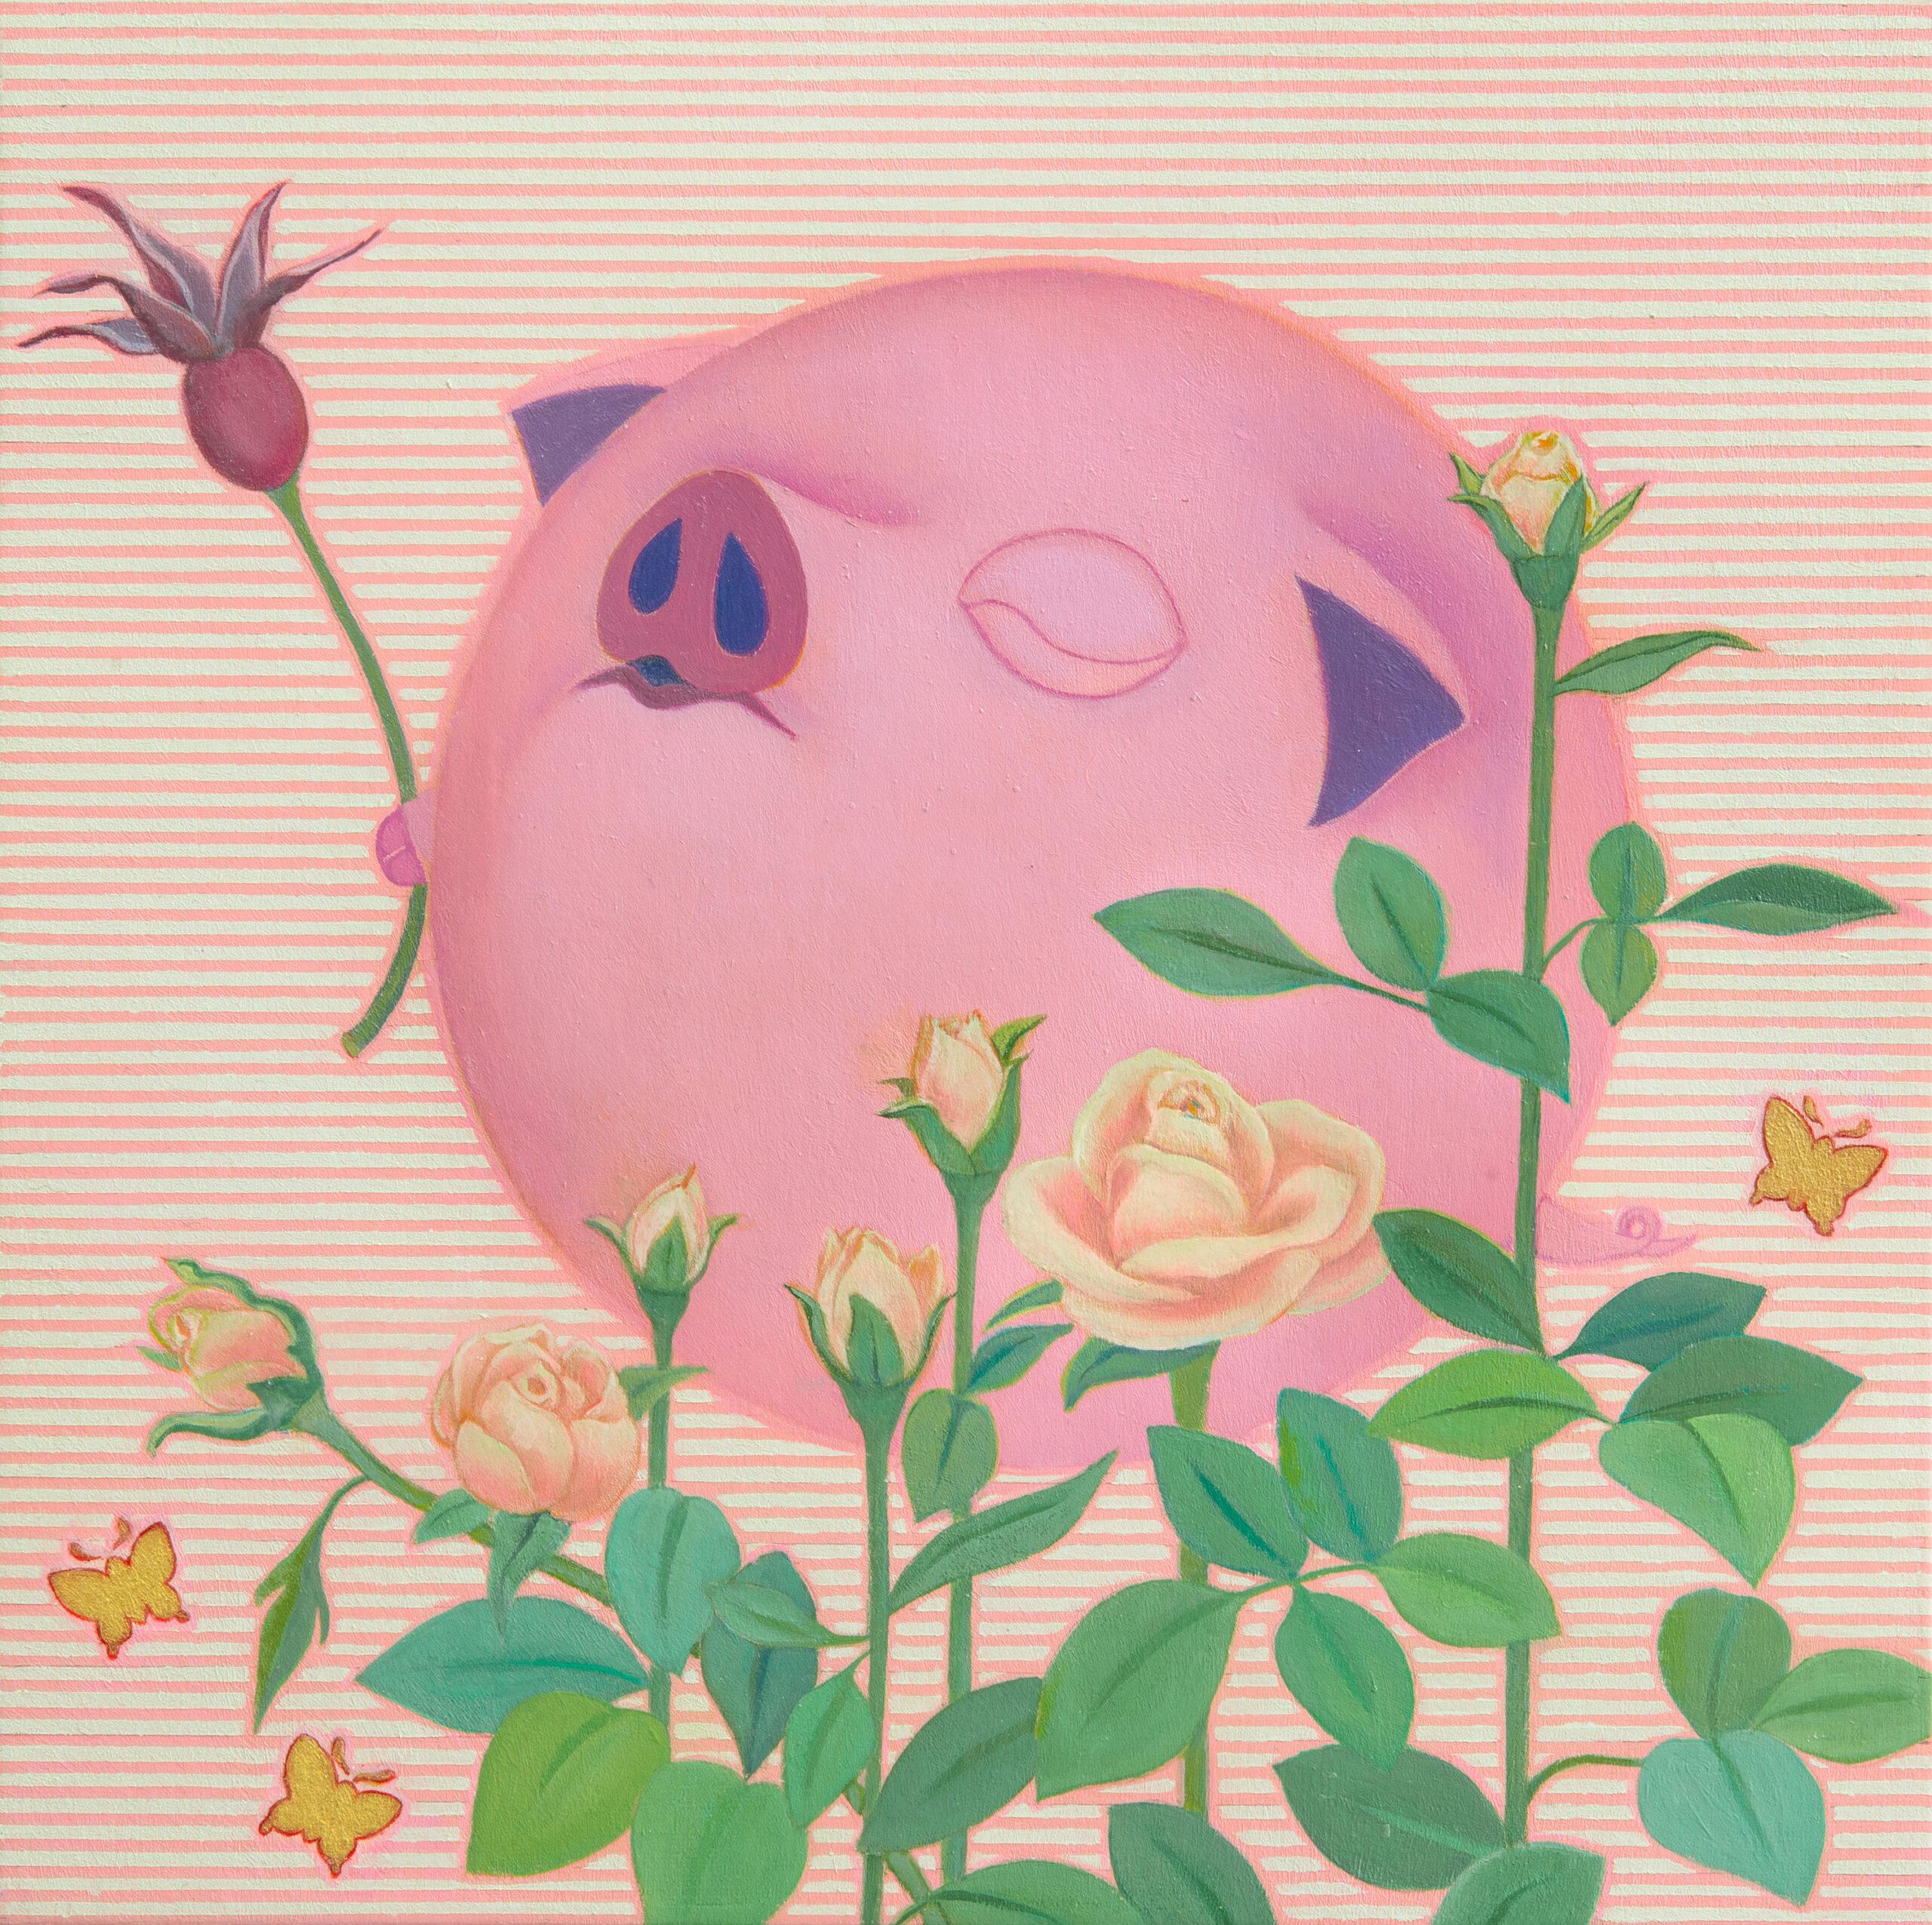 Happy Pig (Rose-2)